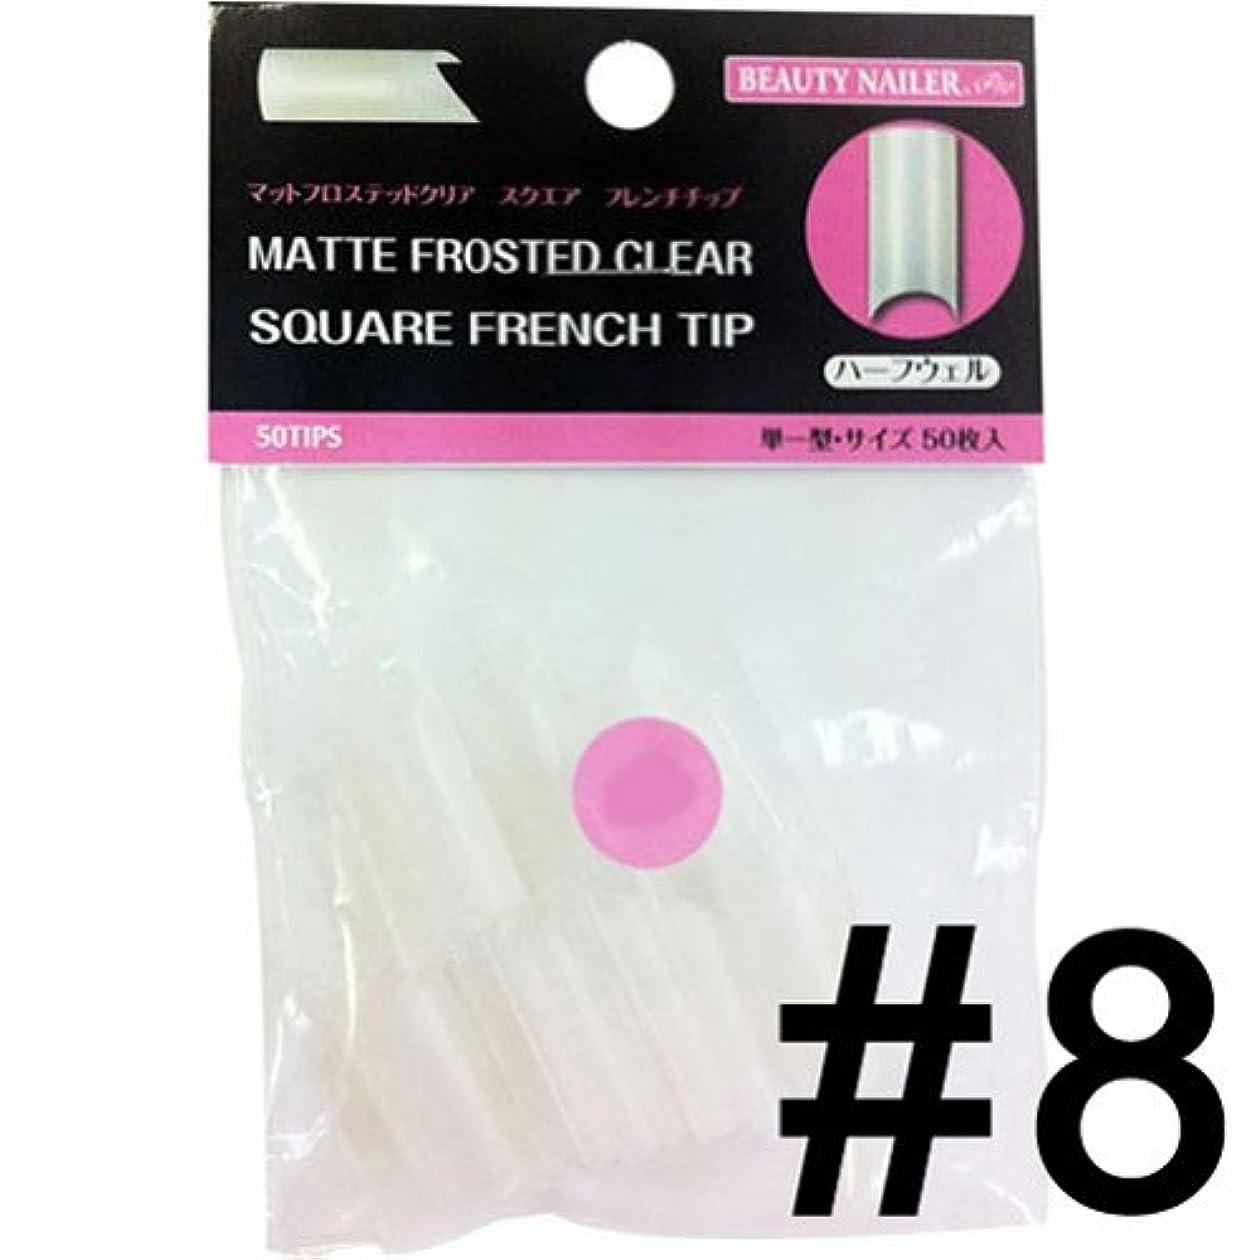 剃るテレマコス不要ビューティーネイラー ネイルチップ ナマットフロステッドクリアスクエアフレンチチップ PMFC-8 #8